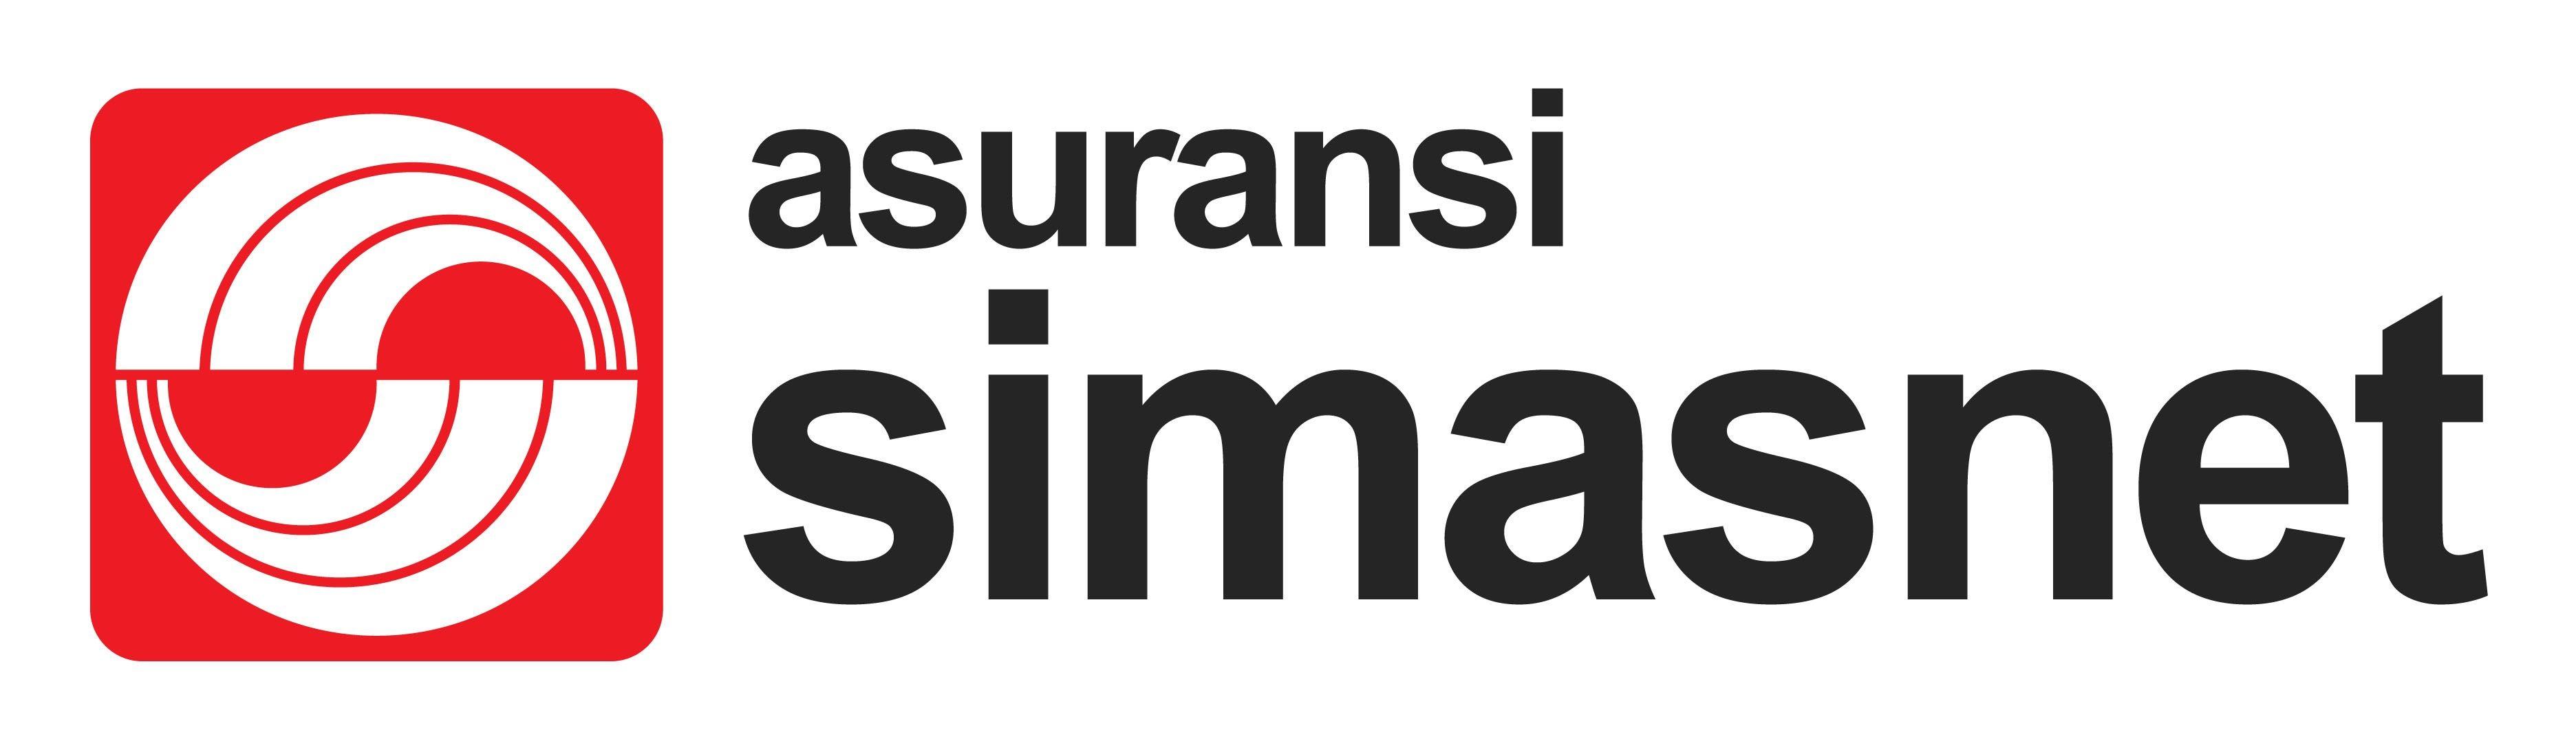 Perusahaan Asuransi Kendaraan Terbaik di Indonesia